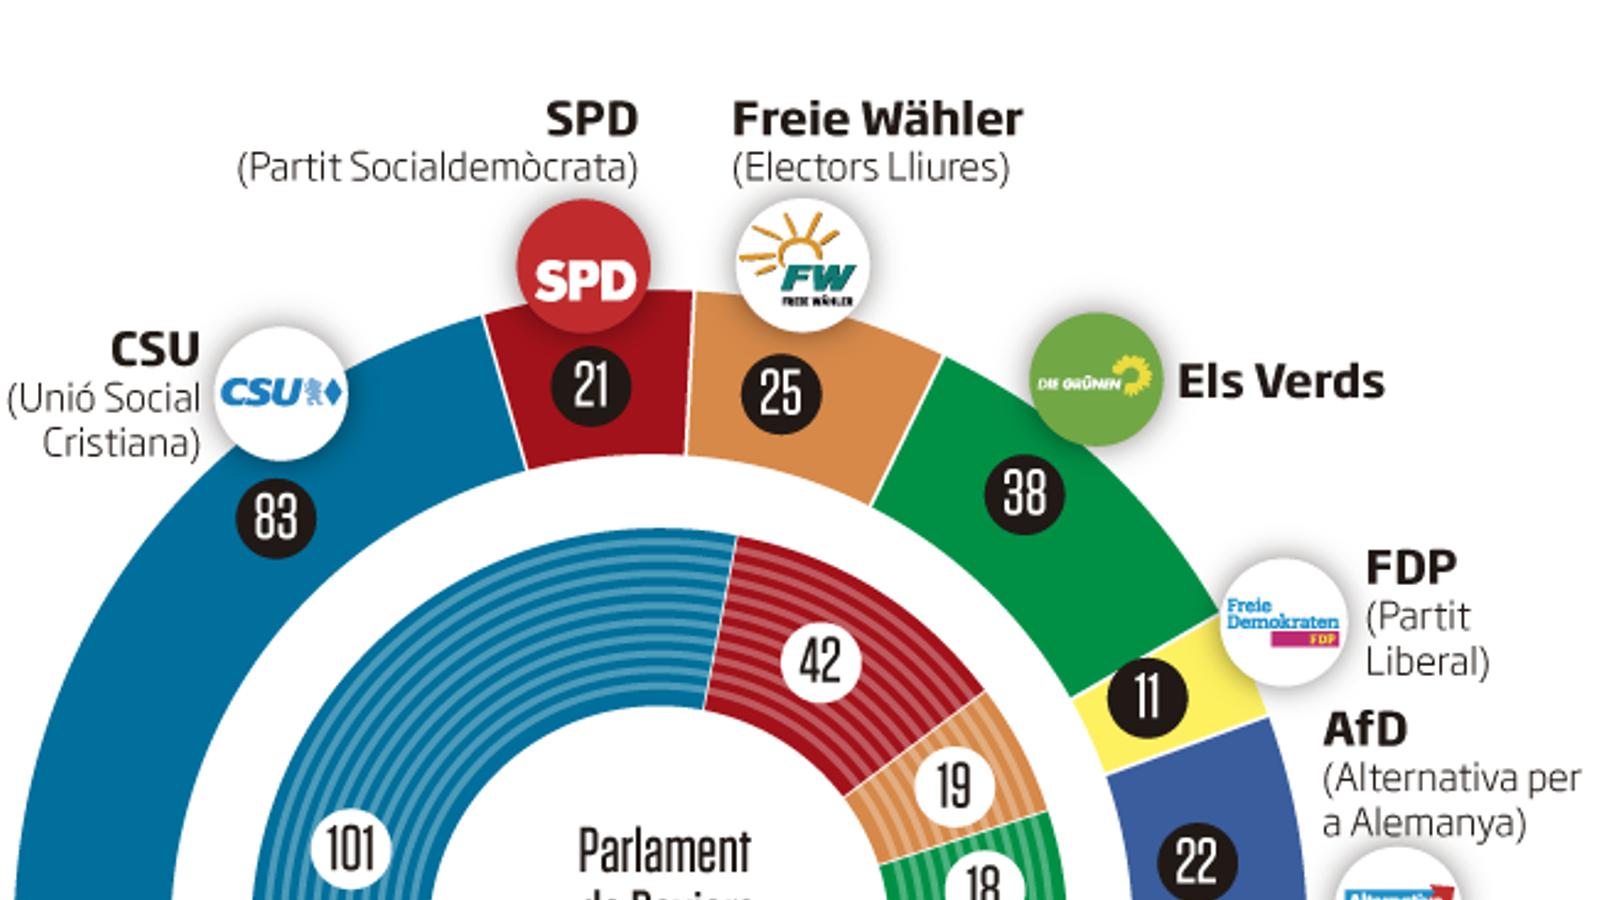 Patacada a Baviera per als socis de govern de Merkel